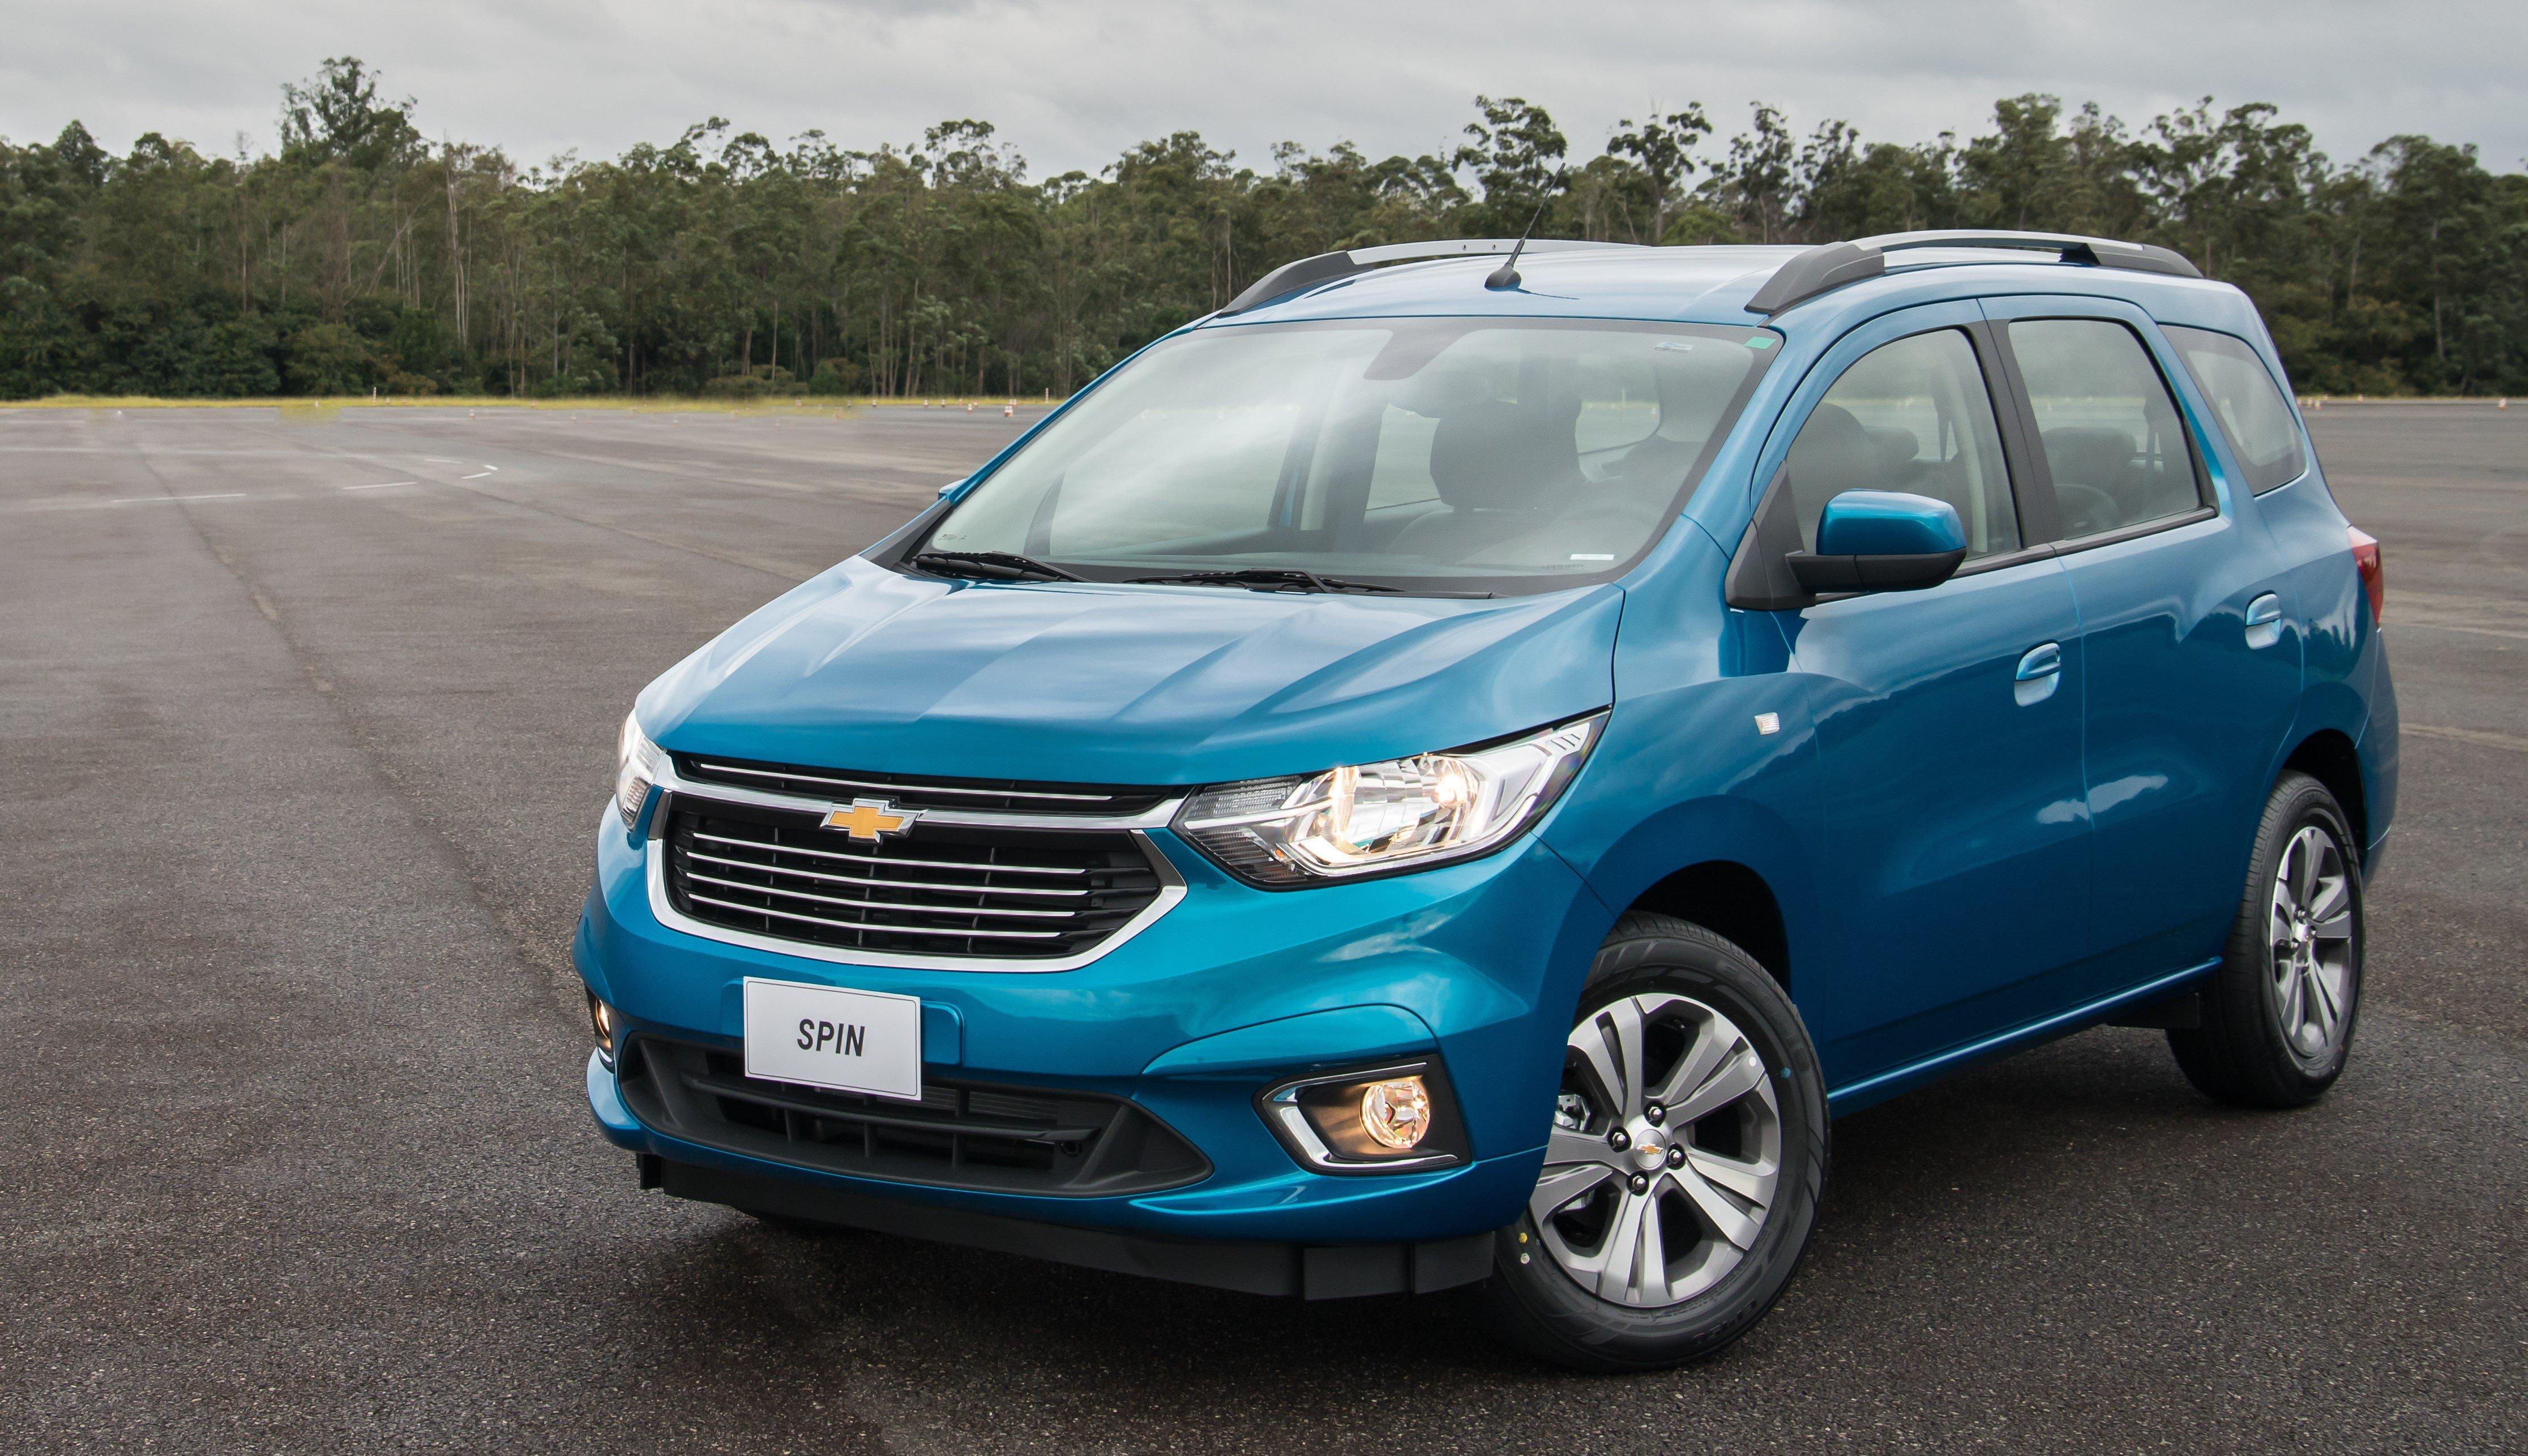 Novo Chevrolet Spin 2019 se destaca pelo design, espaço para 7 lugares e mais equipamentos